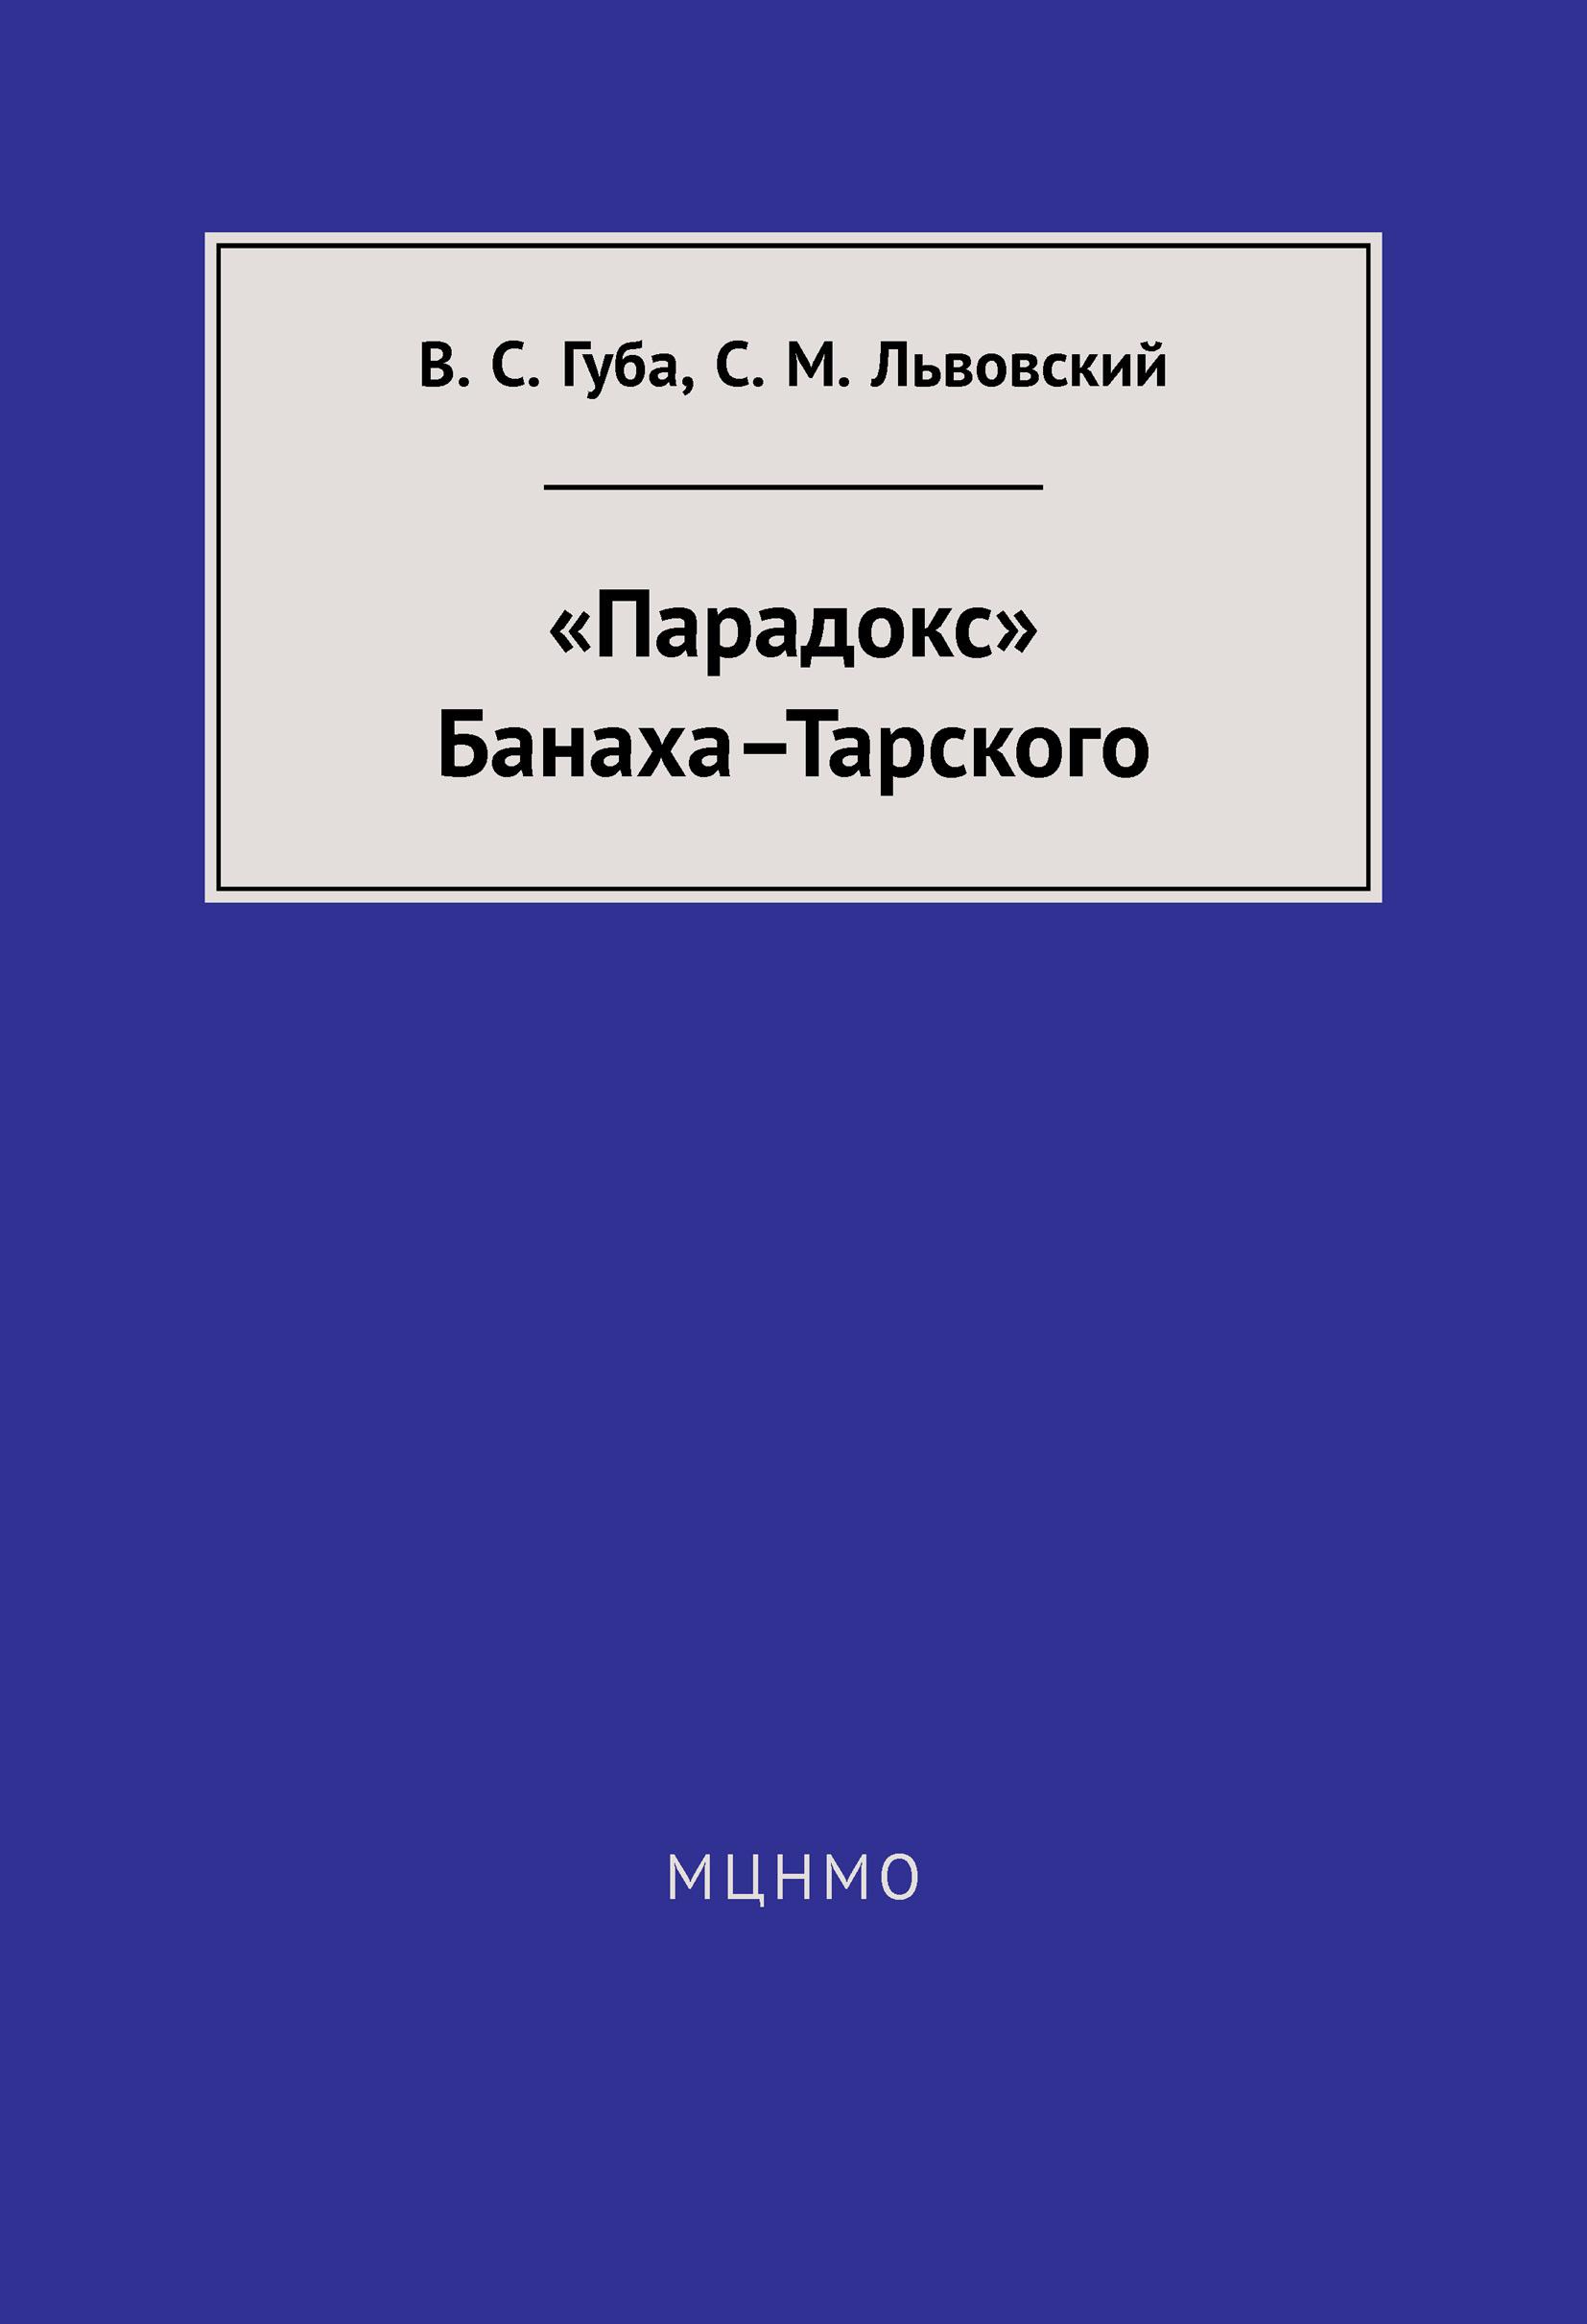 С. М. Львовский «Парадокс» Банаха-Тарского с м львовский парадокс банаха тарского